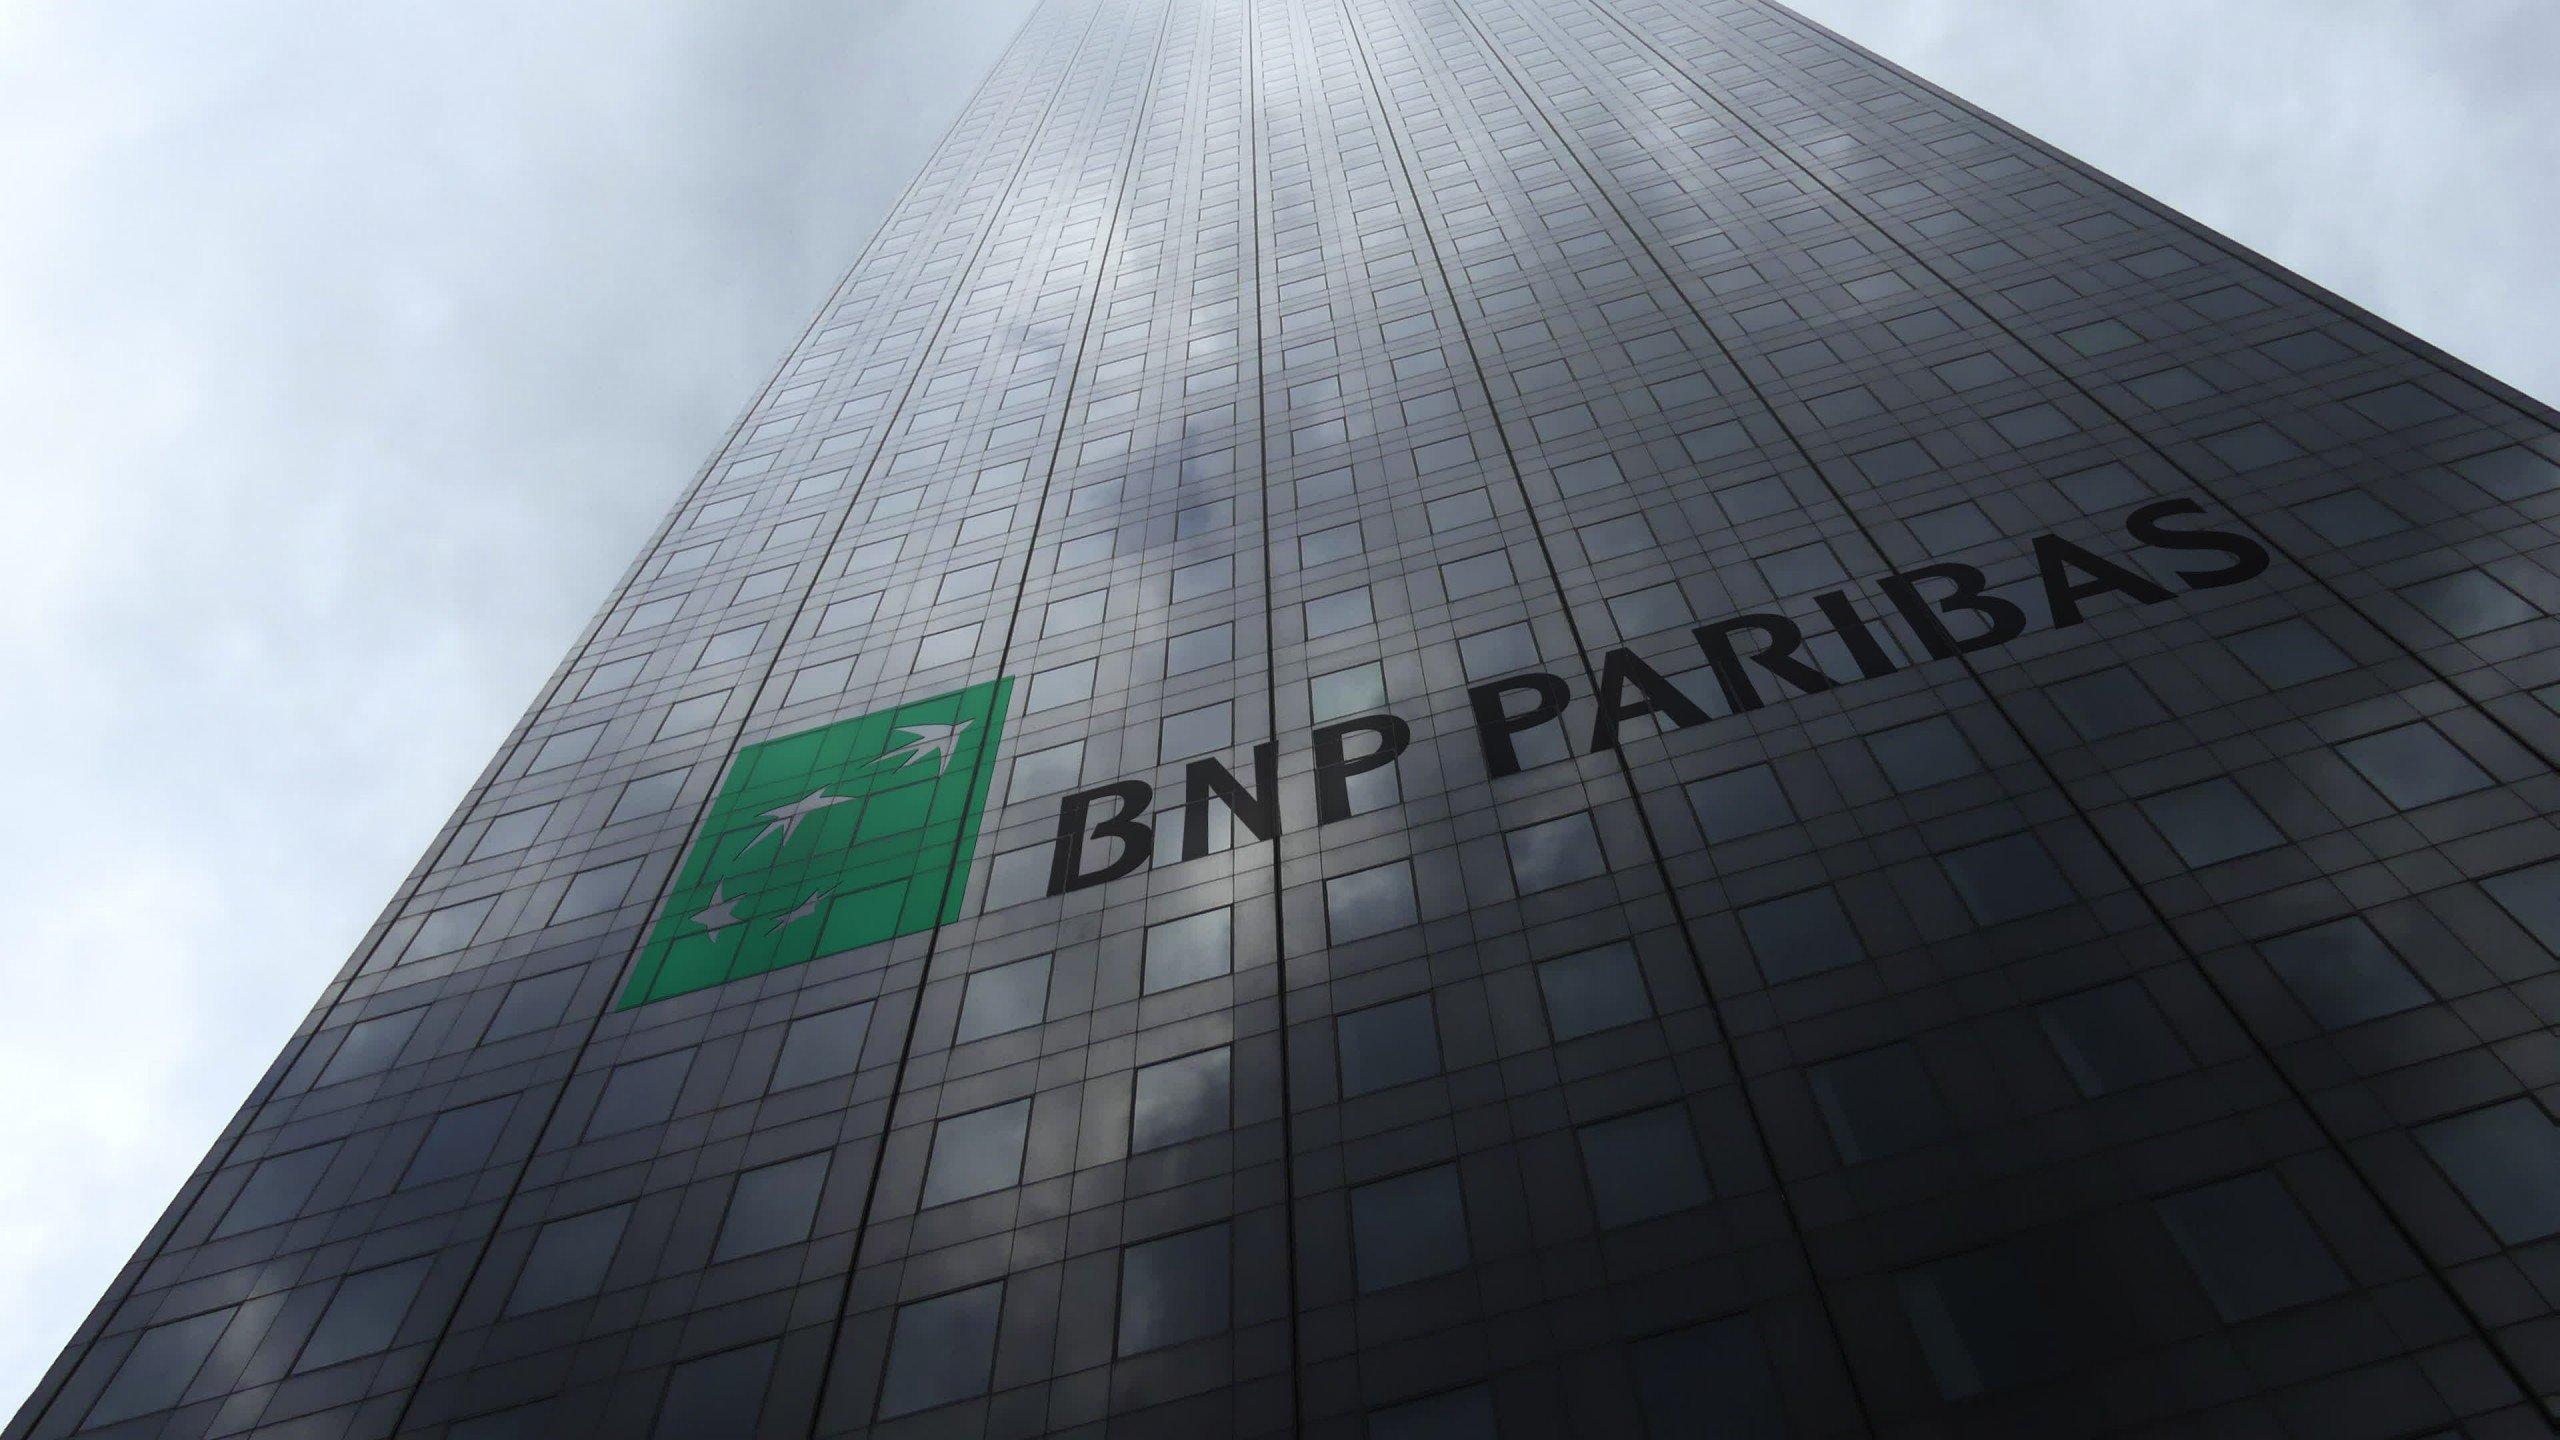 BNP Paribas building